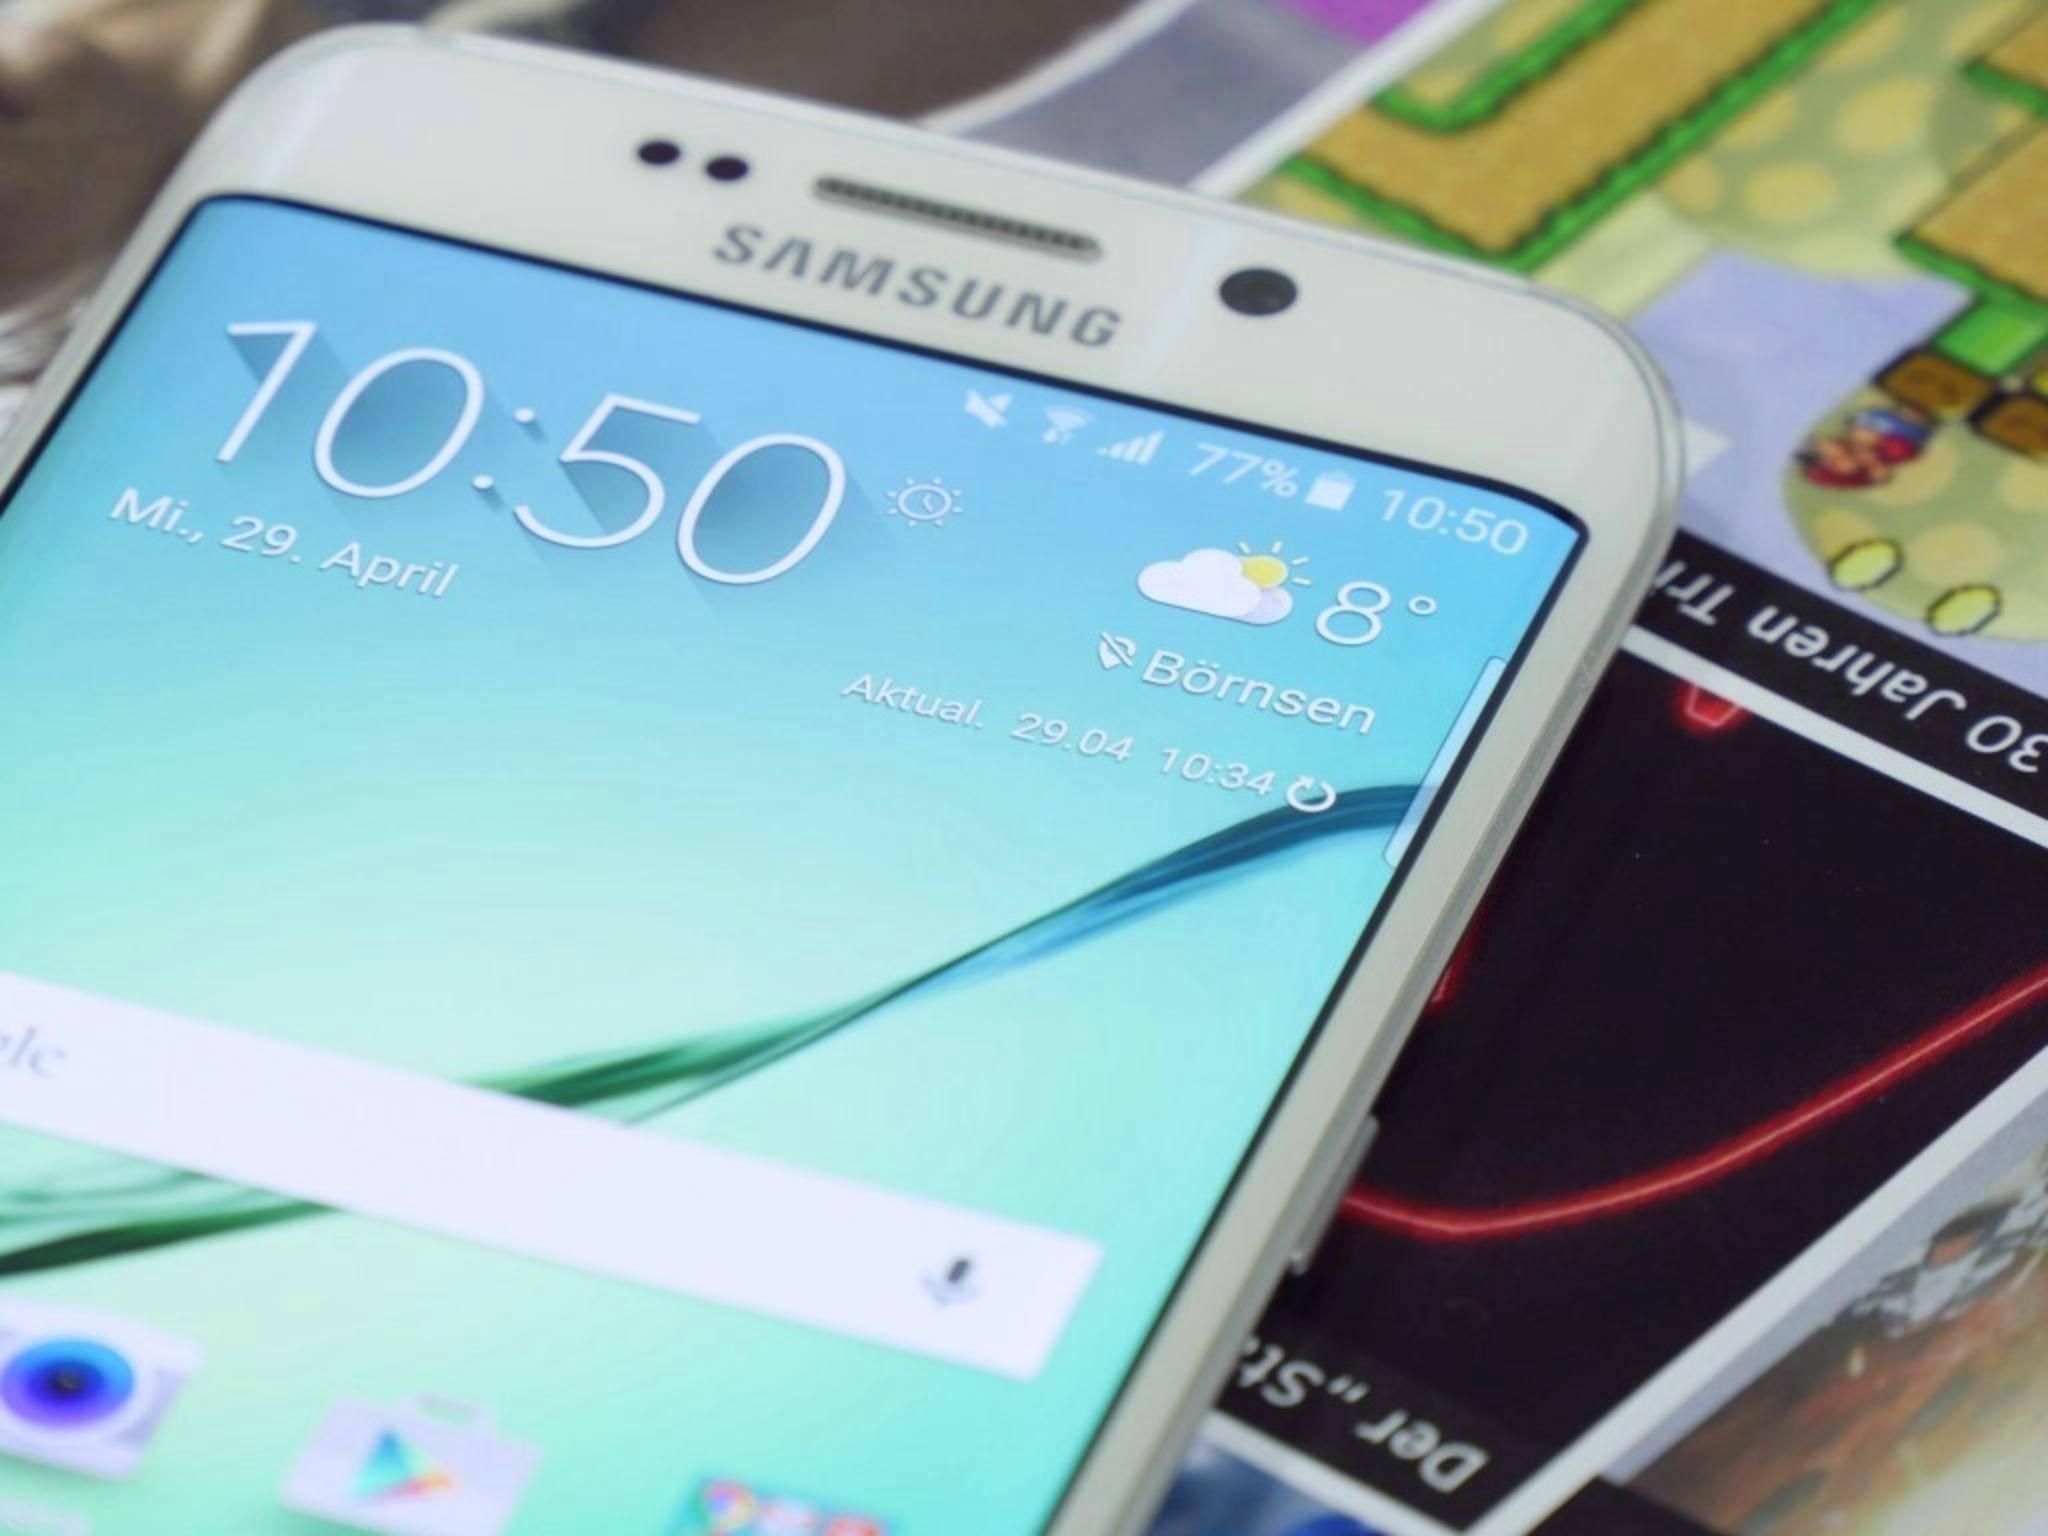 Das Galaxy S6 Edge+ wird als größerer Ableger die Galaxy S6-Produktfamilie erweitern.